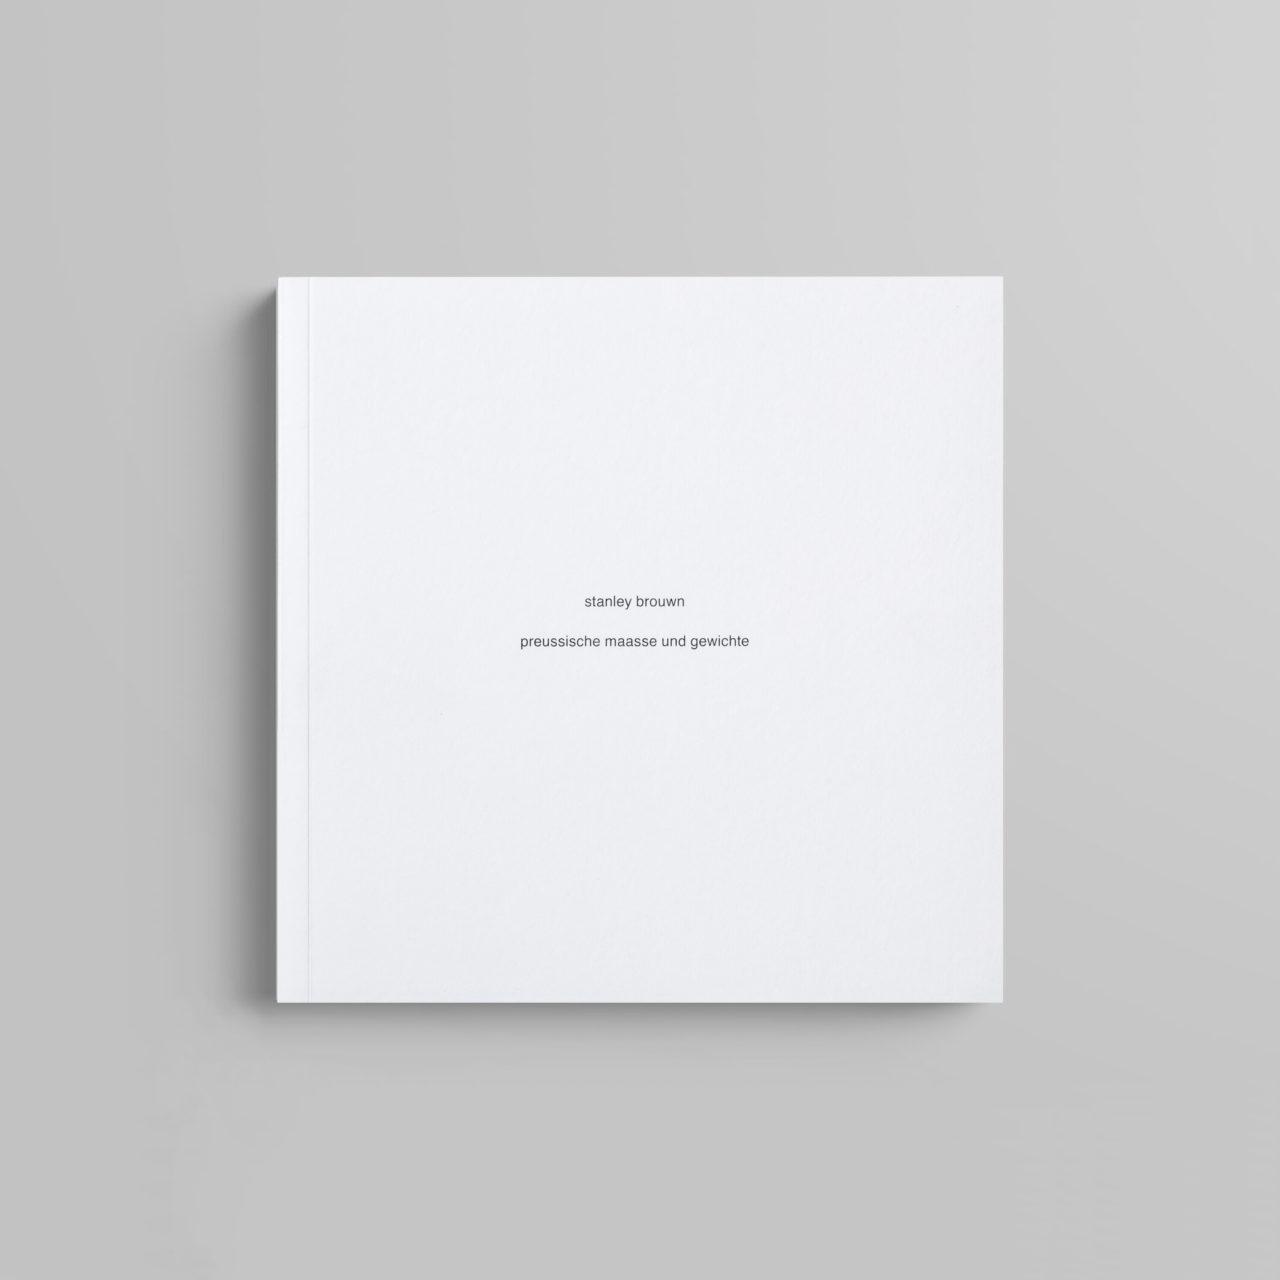 Stanley Brouwn: Preussische Maasse und Gewichte, Wiens Verlag, 2013